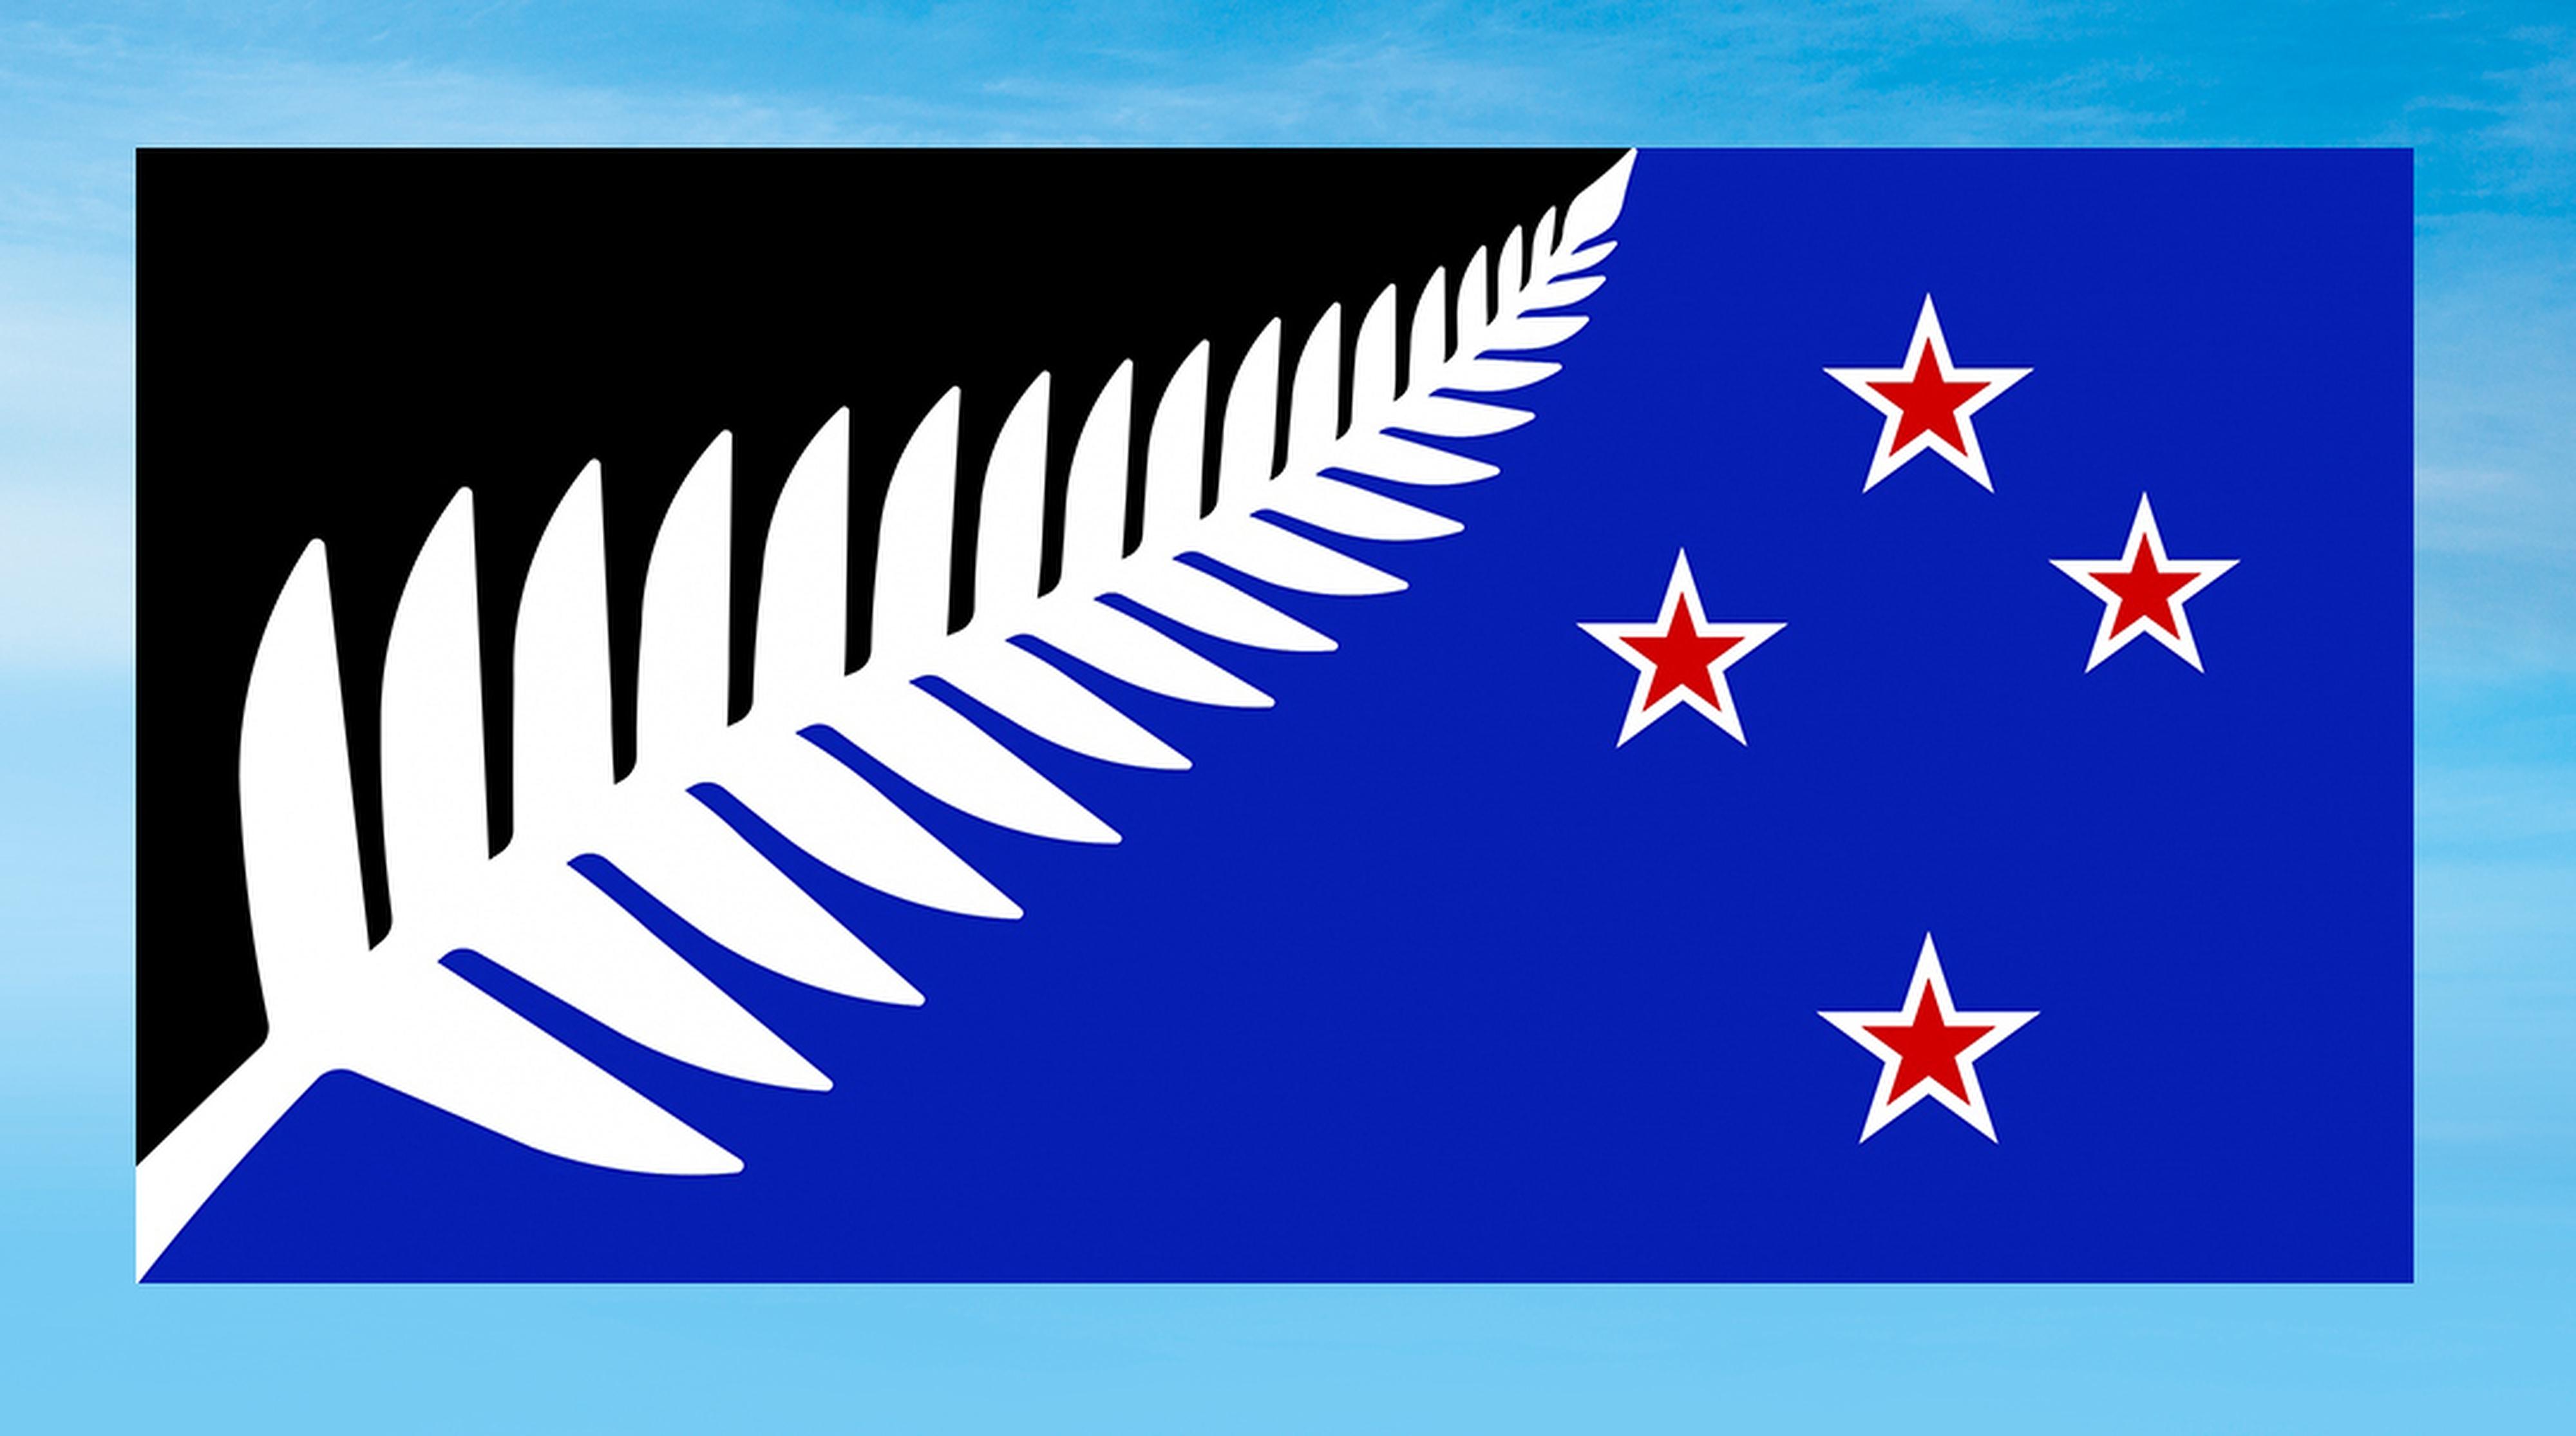 Nowozelandczycy odrzucili projekt nowej flagi narodowej